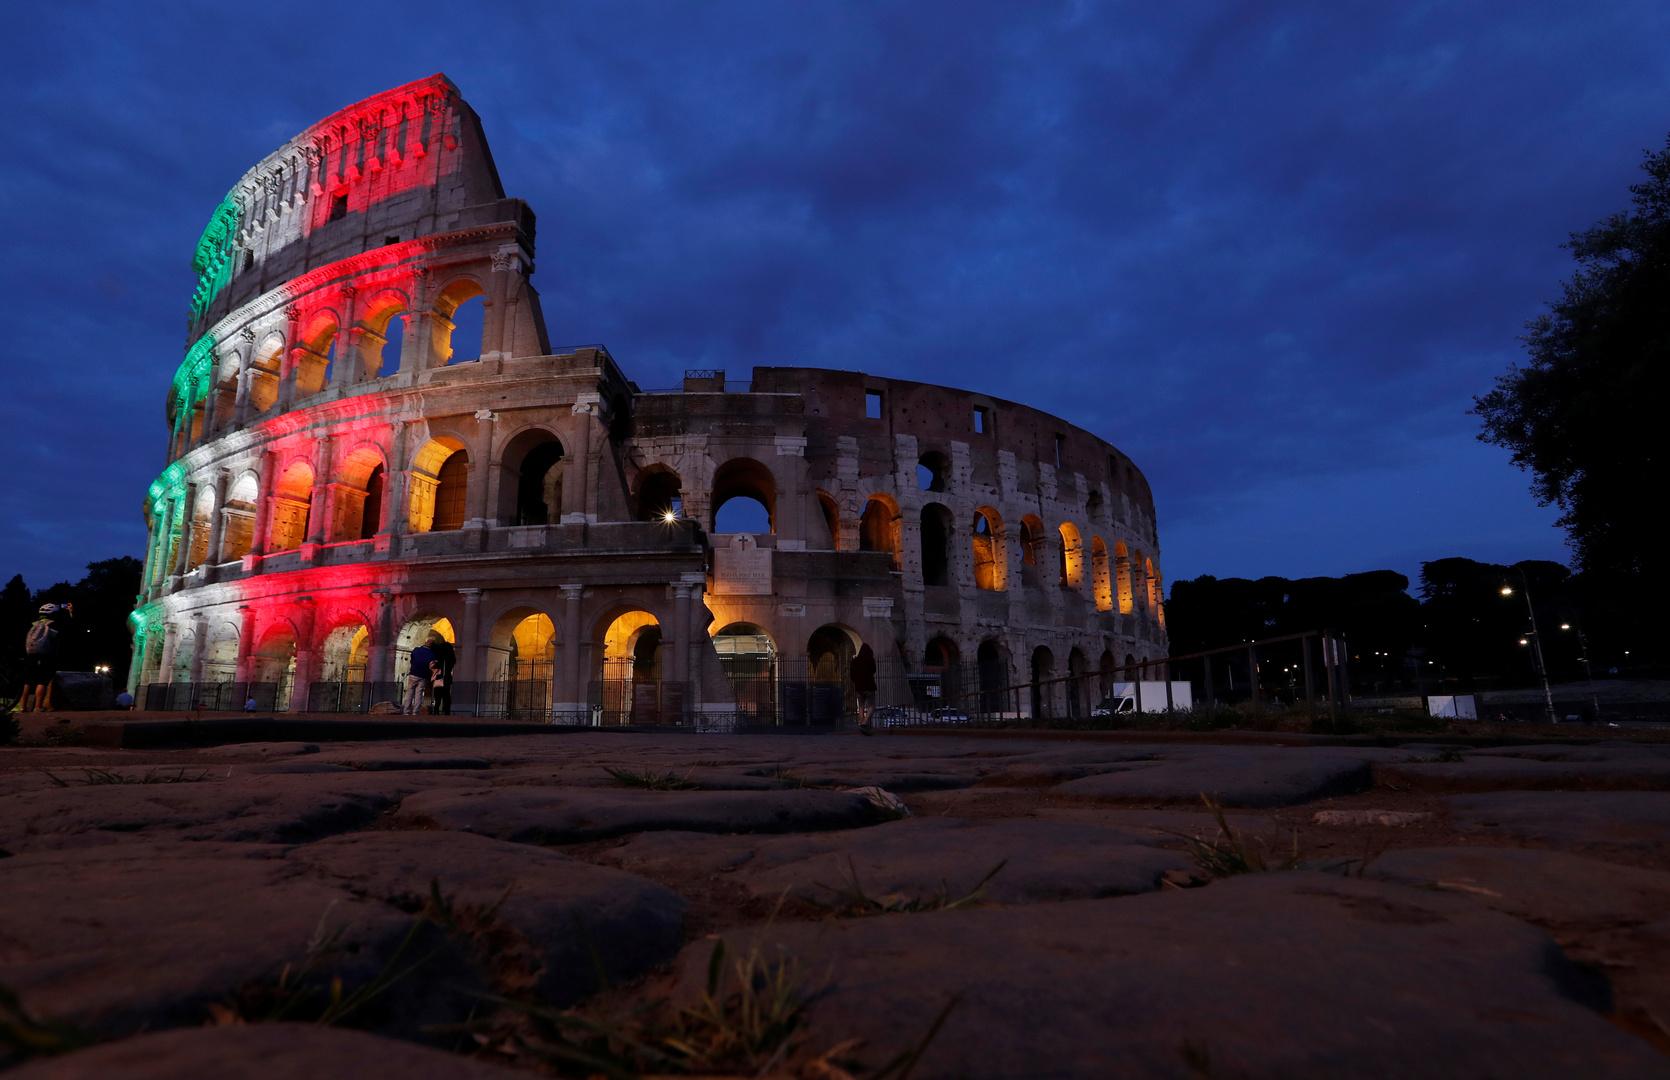 إيطاليا: تحديد المسؤولين عن تهديد رئيسة مجلس الشيوخ